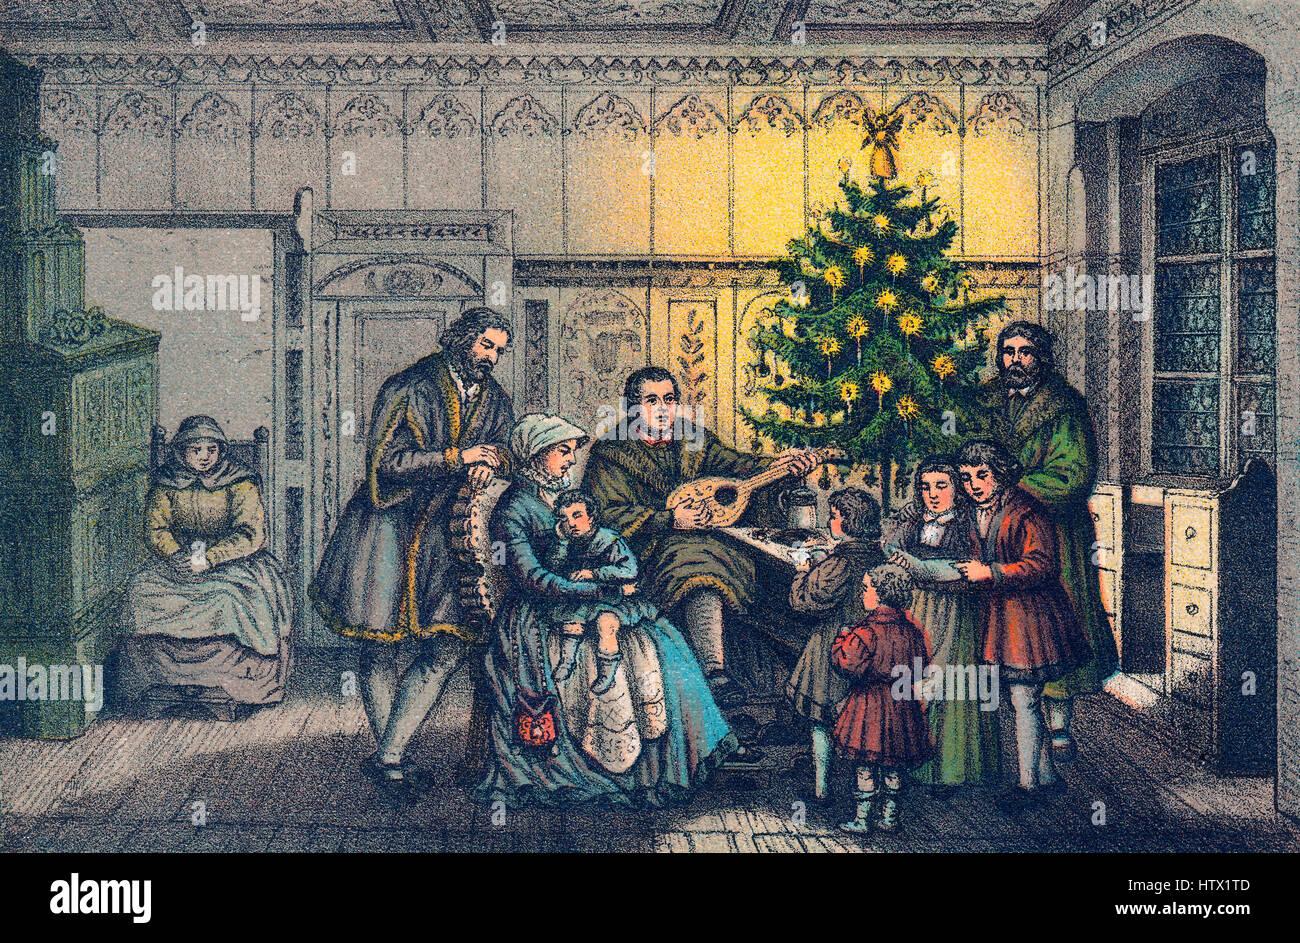 Martin Luther, Musizieren mit seiner Familie, Weihnachten, 1536  Stockfotografie - Alamy